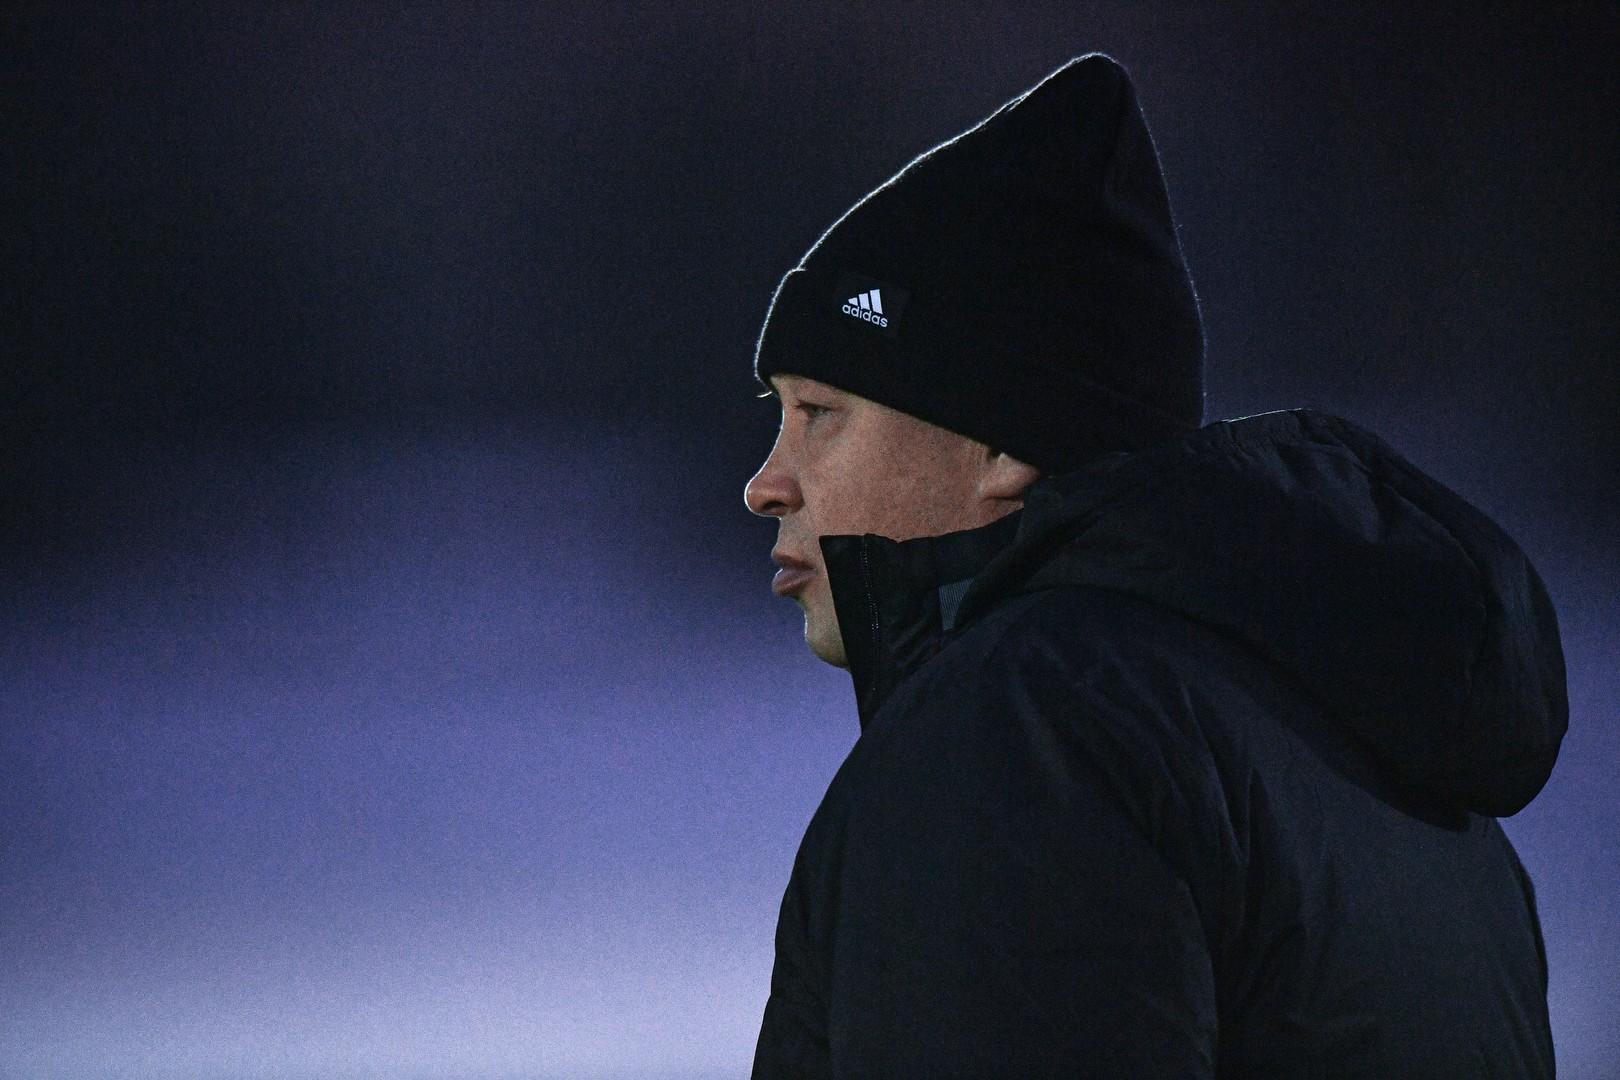 Дембельский аккорд Слуцкого: главный тренер ЦСКА может покинуть клуб в декабре